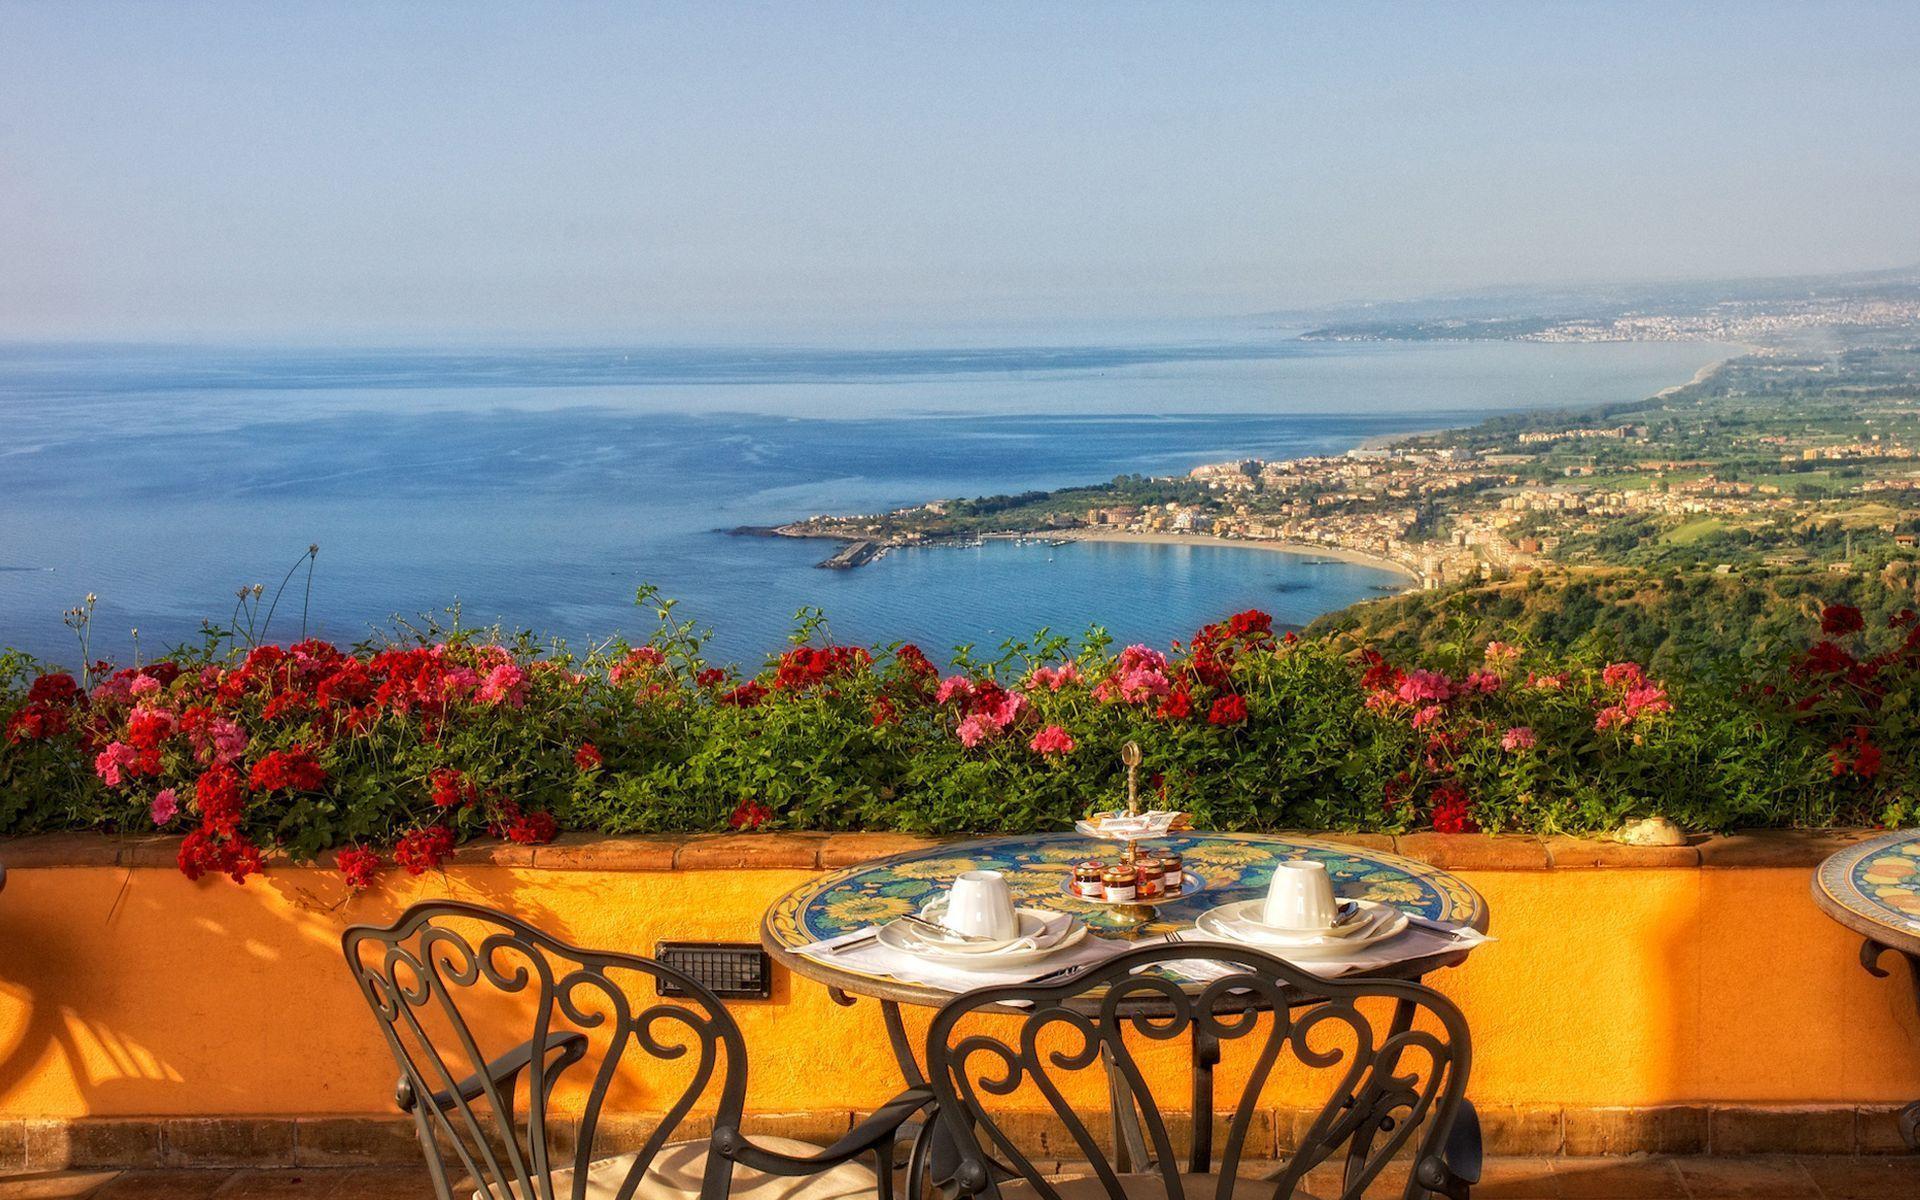 Терраса столик цветы италия 1920x1200